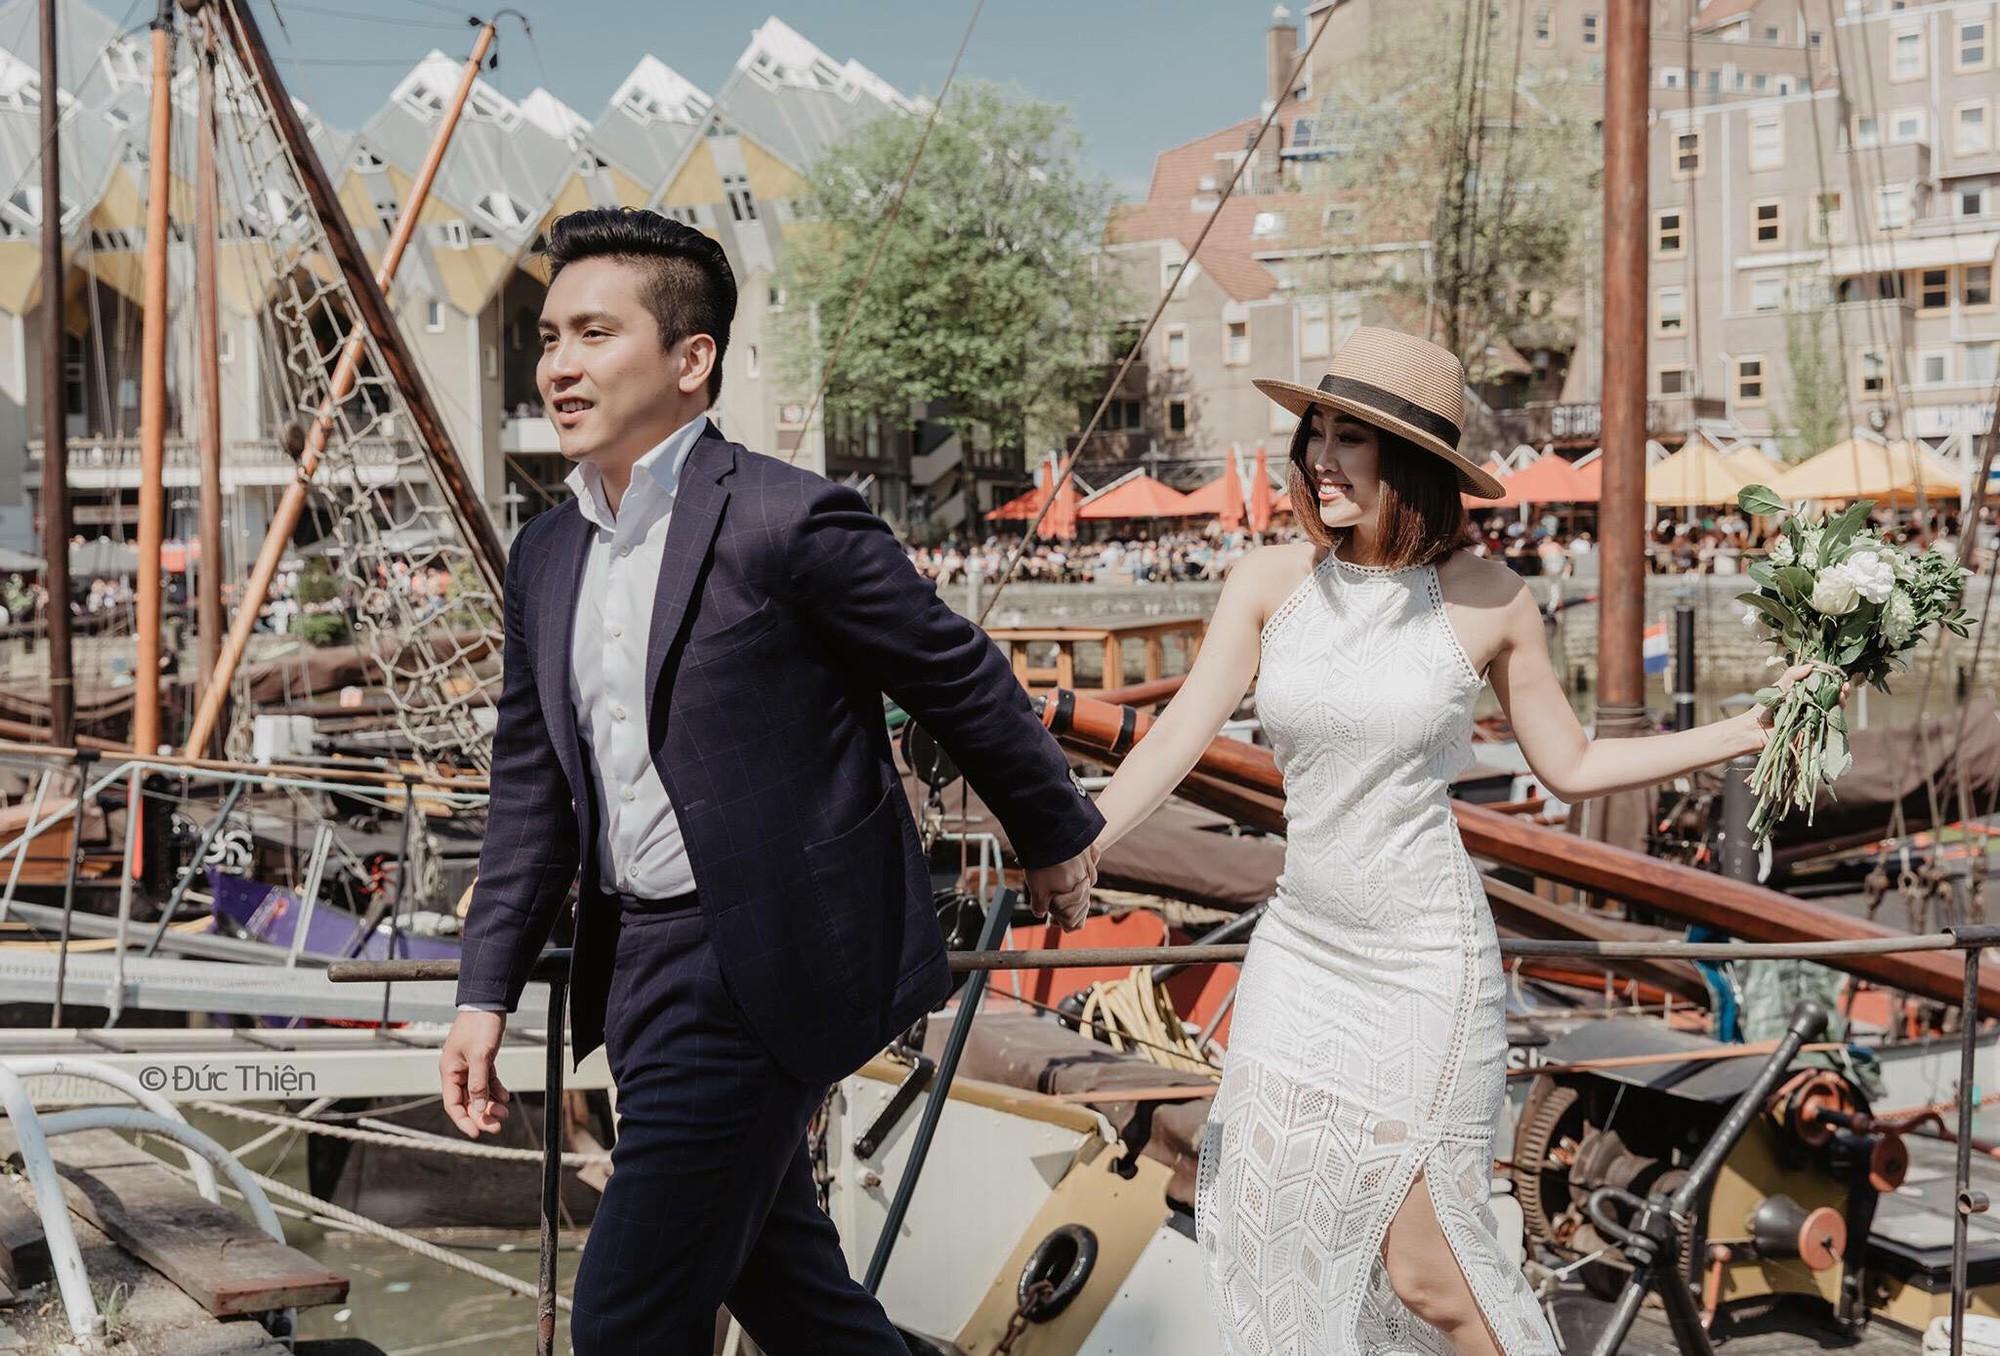 Thông tin ít ỏi về chồng sắp cưới MC Liêu Hà Trinh: Doanh nhân thành đạt trong lĩnh vực đầu tư ẩm thực tại Hà Lan - Ảnh 1.